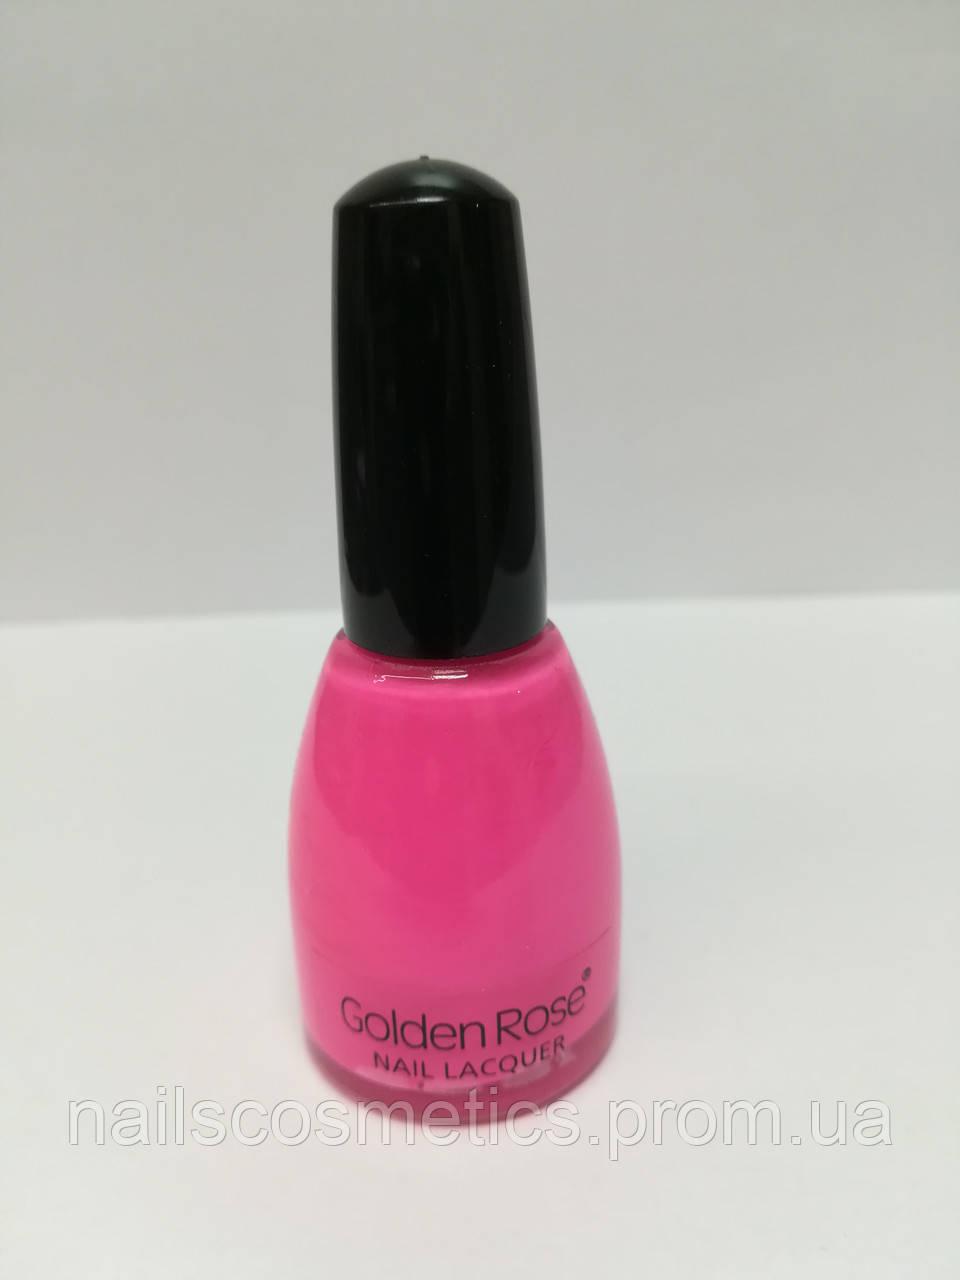 324 GoldenRose ярко розовый